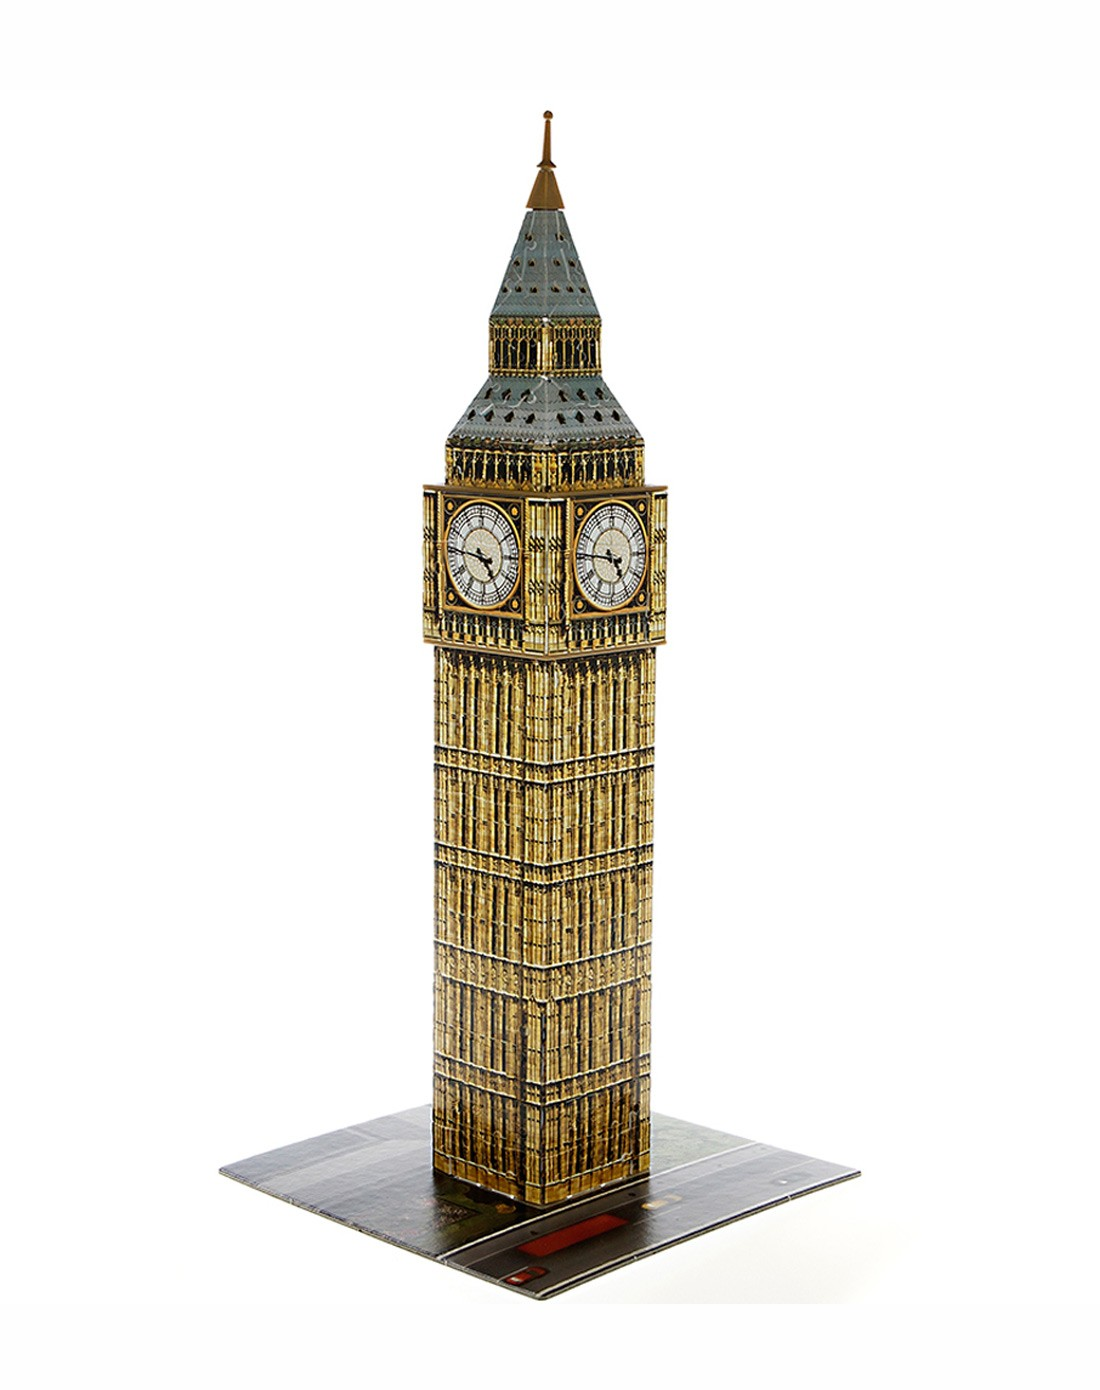 睿思3d建筑拼图英国伦敦大本钟